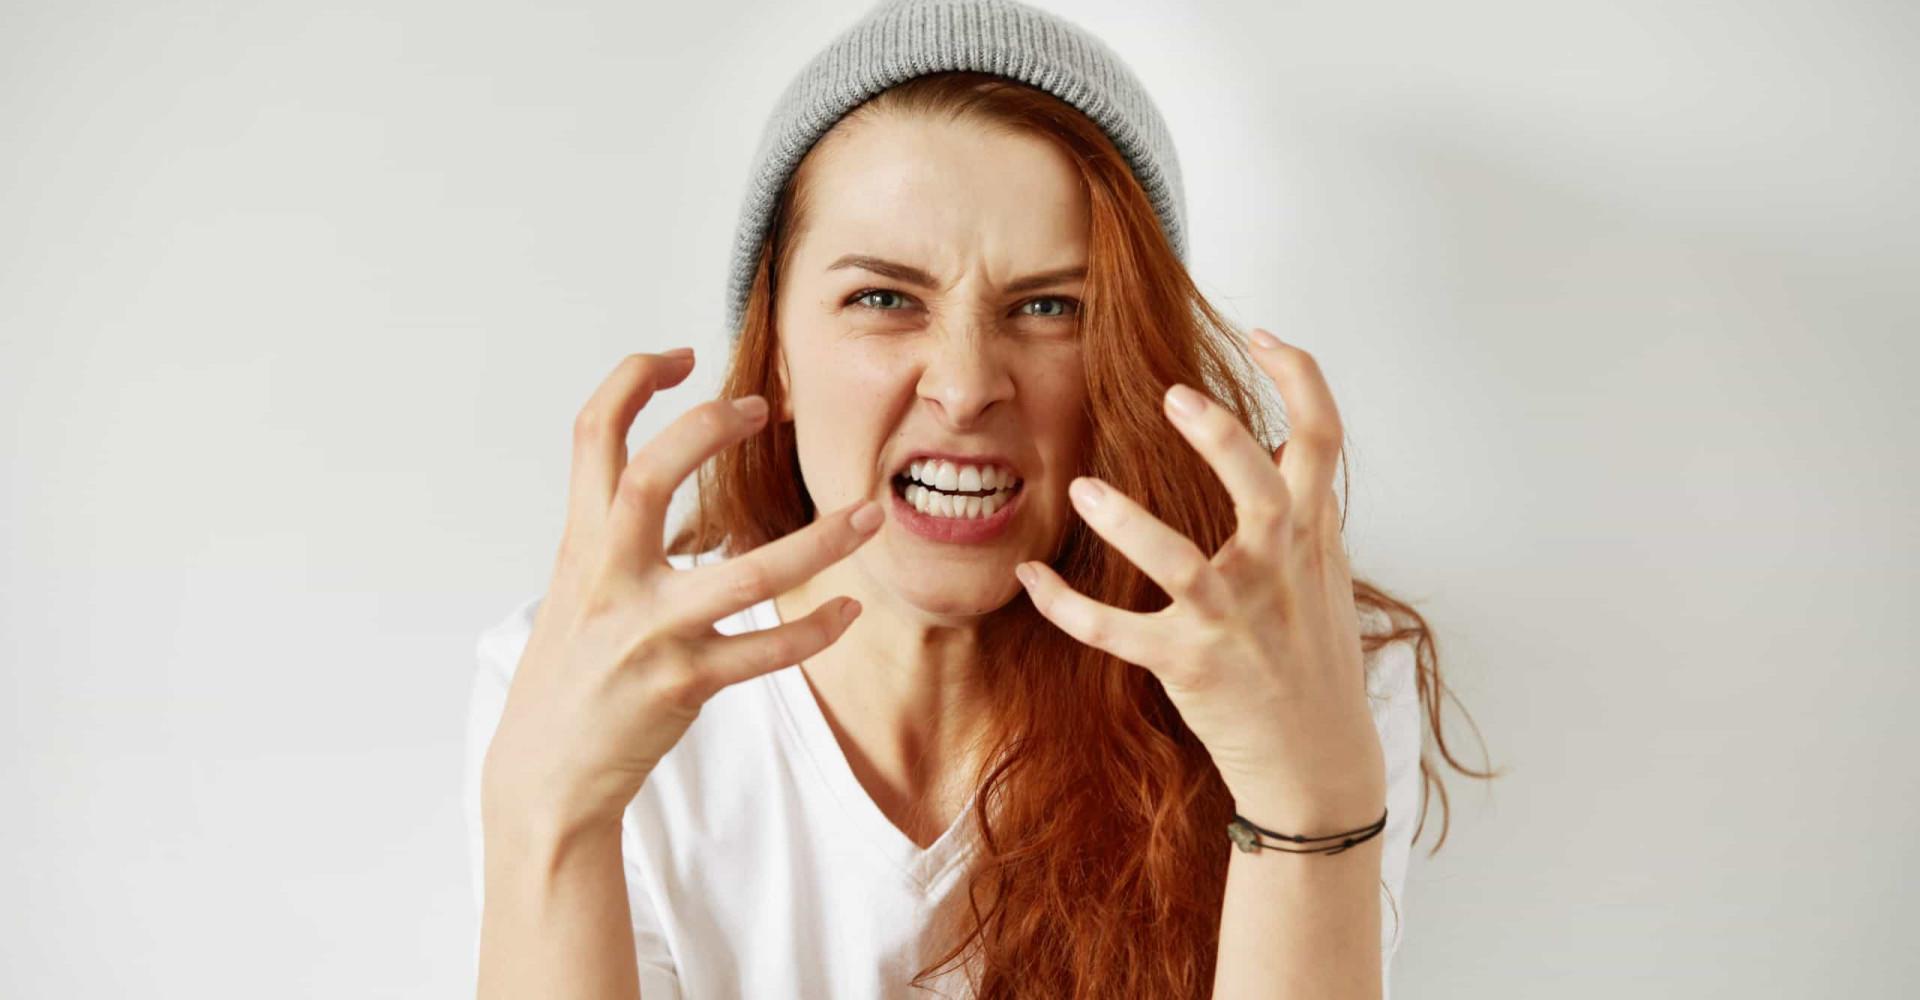 Maak jij je schuldig aan dit irritante gedrag?